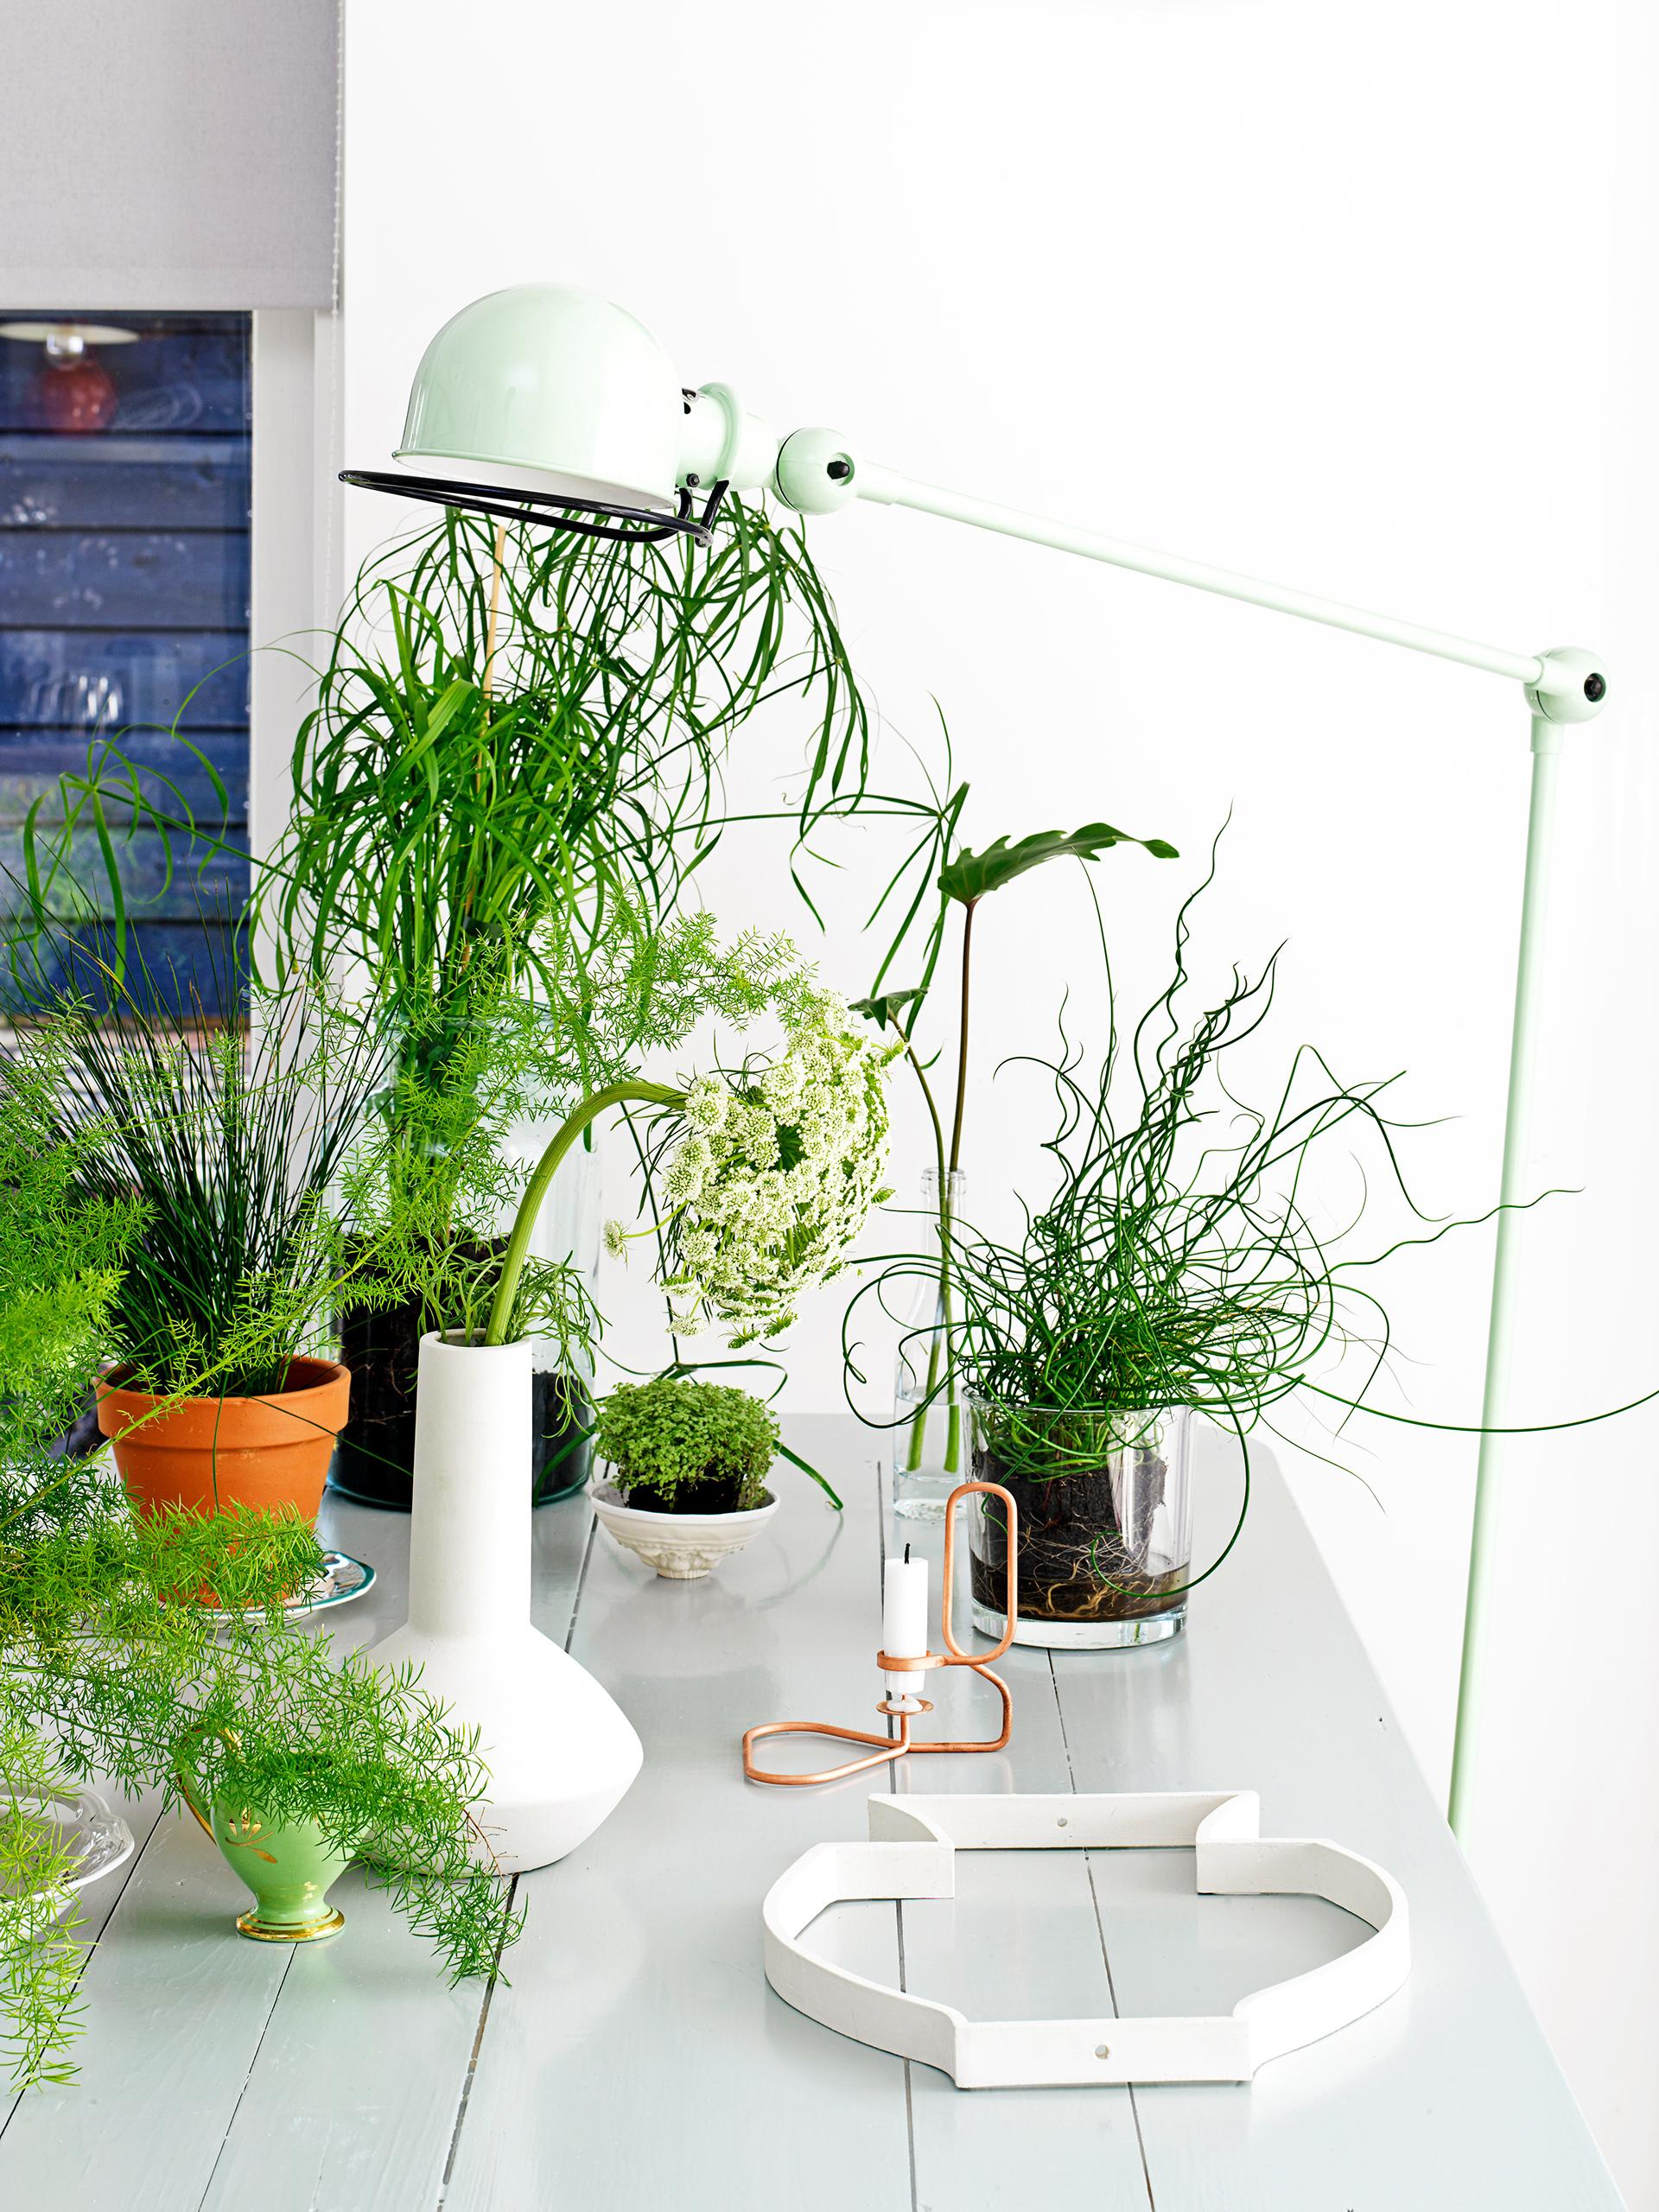 Unique Indoor Plants #27: Easy Being Green: Cool Indoor Plant Ideas